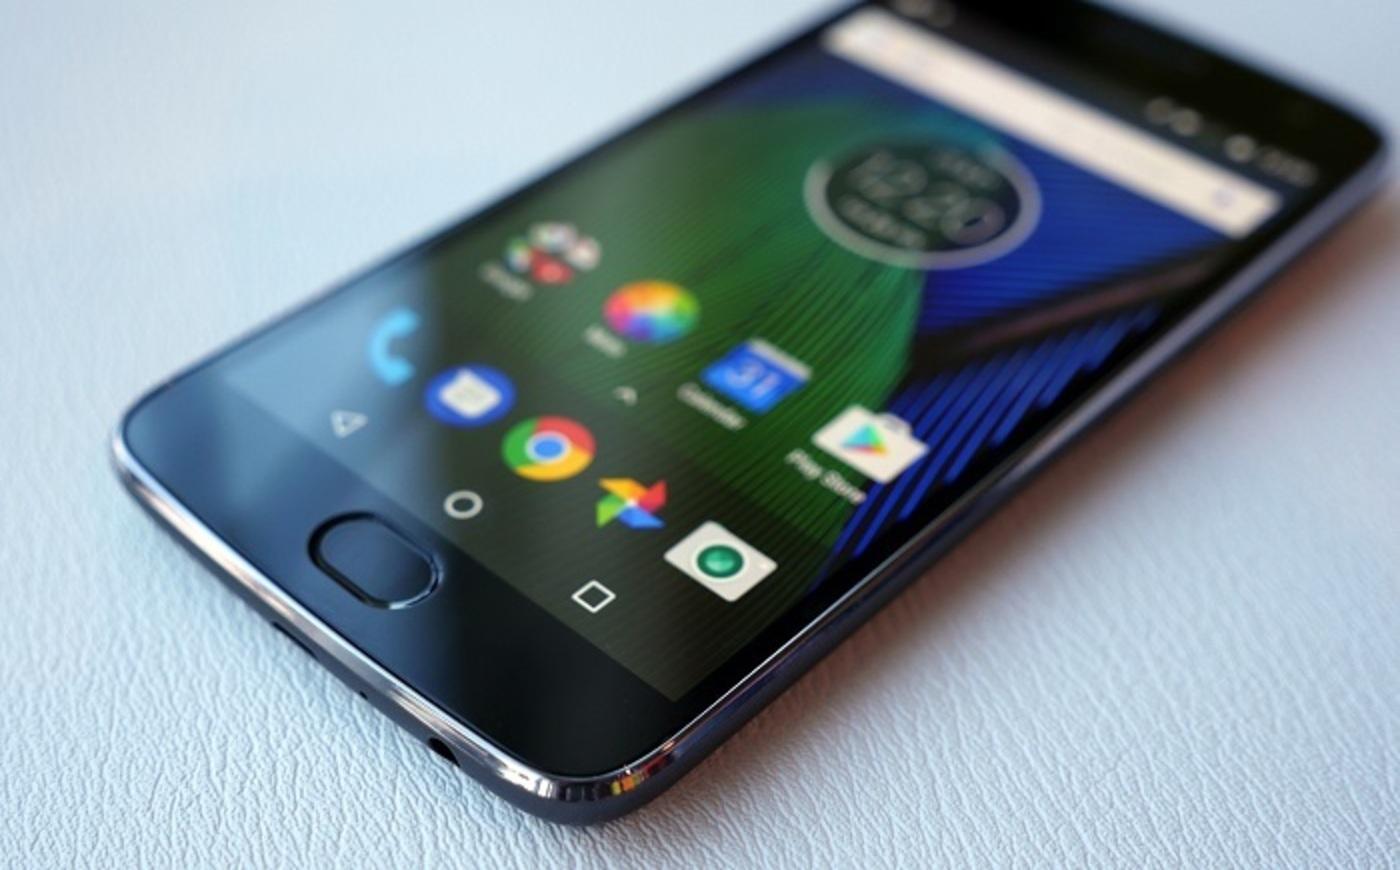 Регулятор рассекретил смартфон Motorola One сдвойной камерой